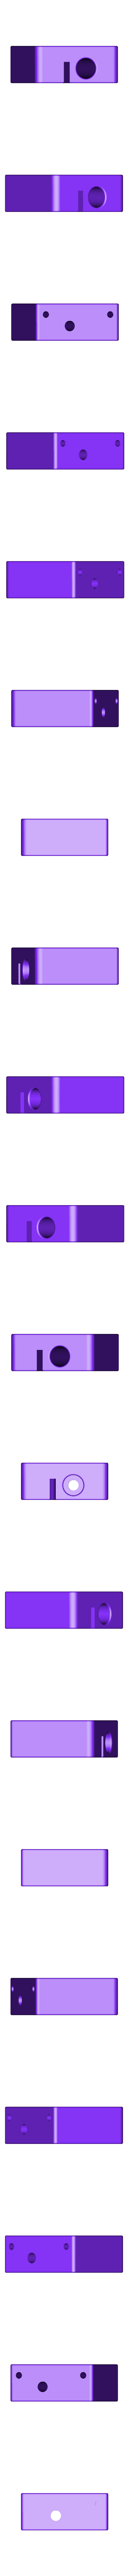 Belt_holder_A.STL Télécharger fichier STL gratuit Nouvelle motion linéaire pour Prusa i4 • Objet imprimable en 3D, perinski